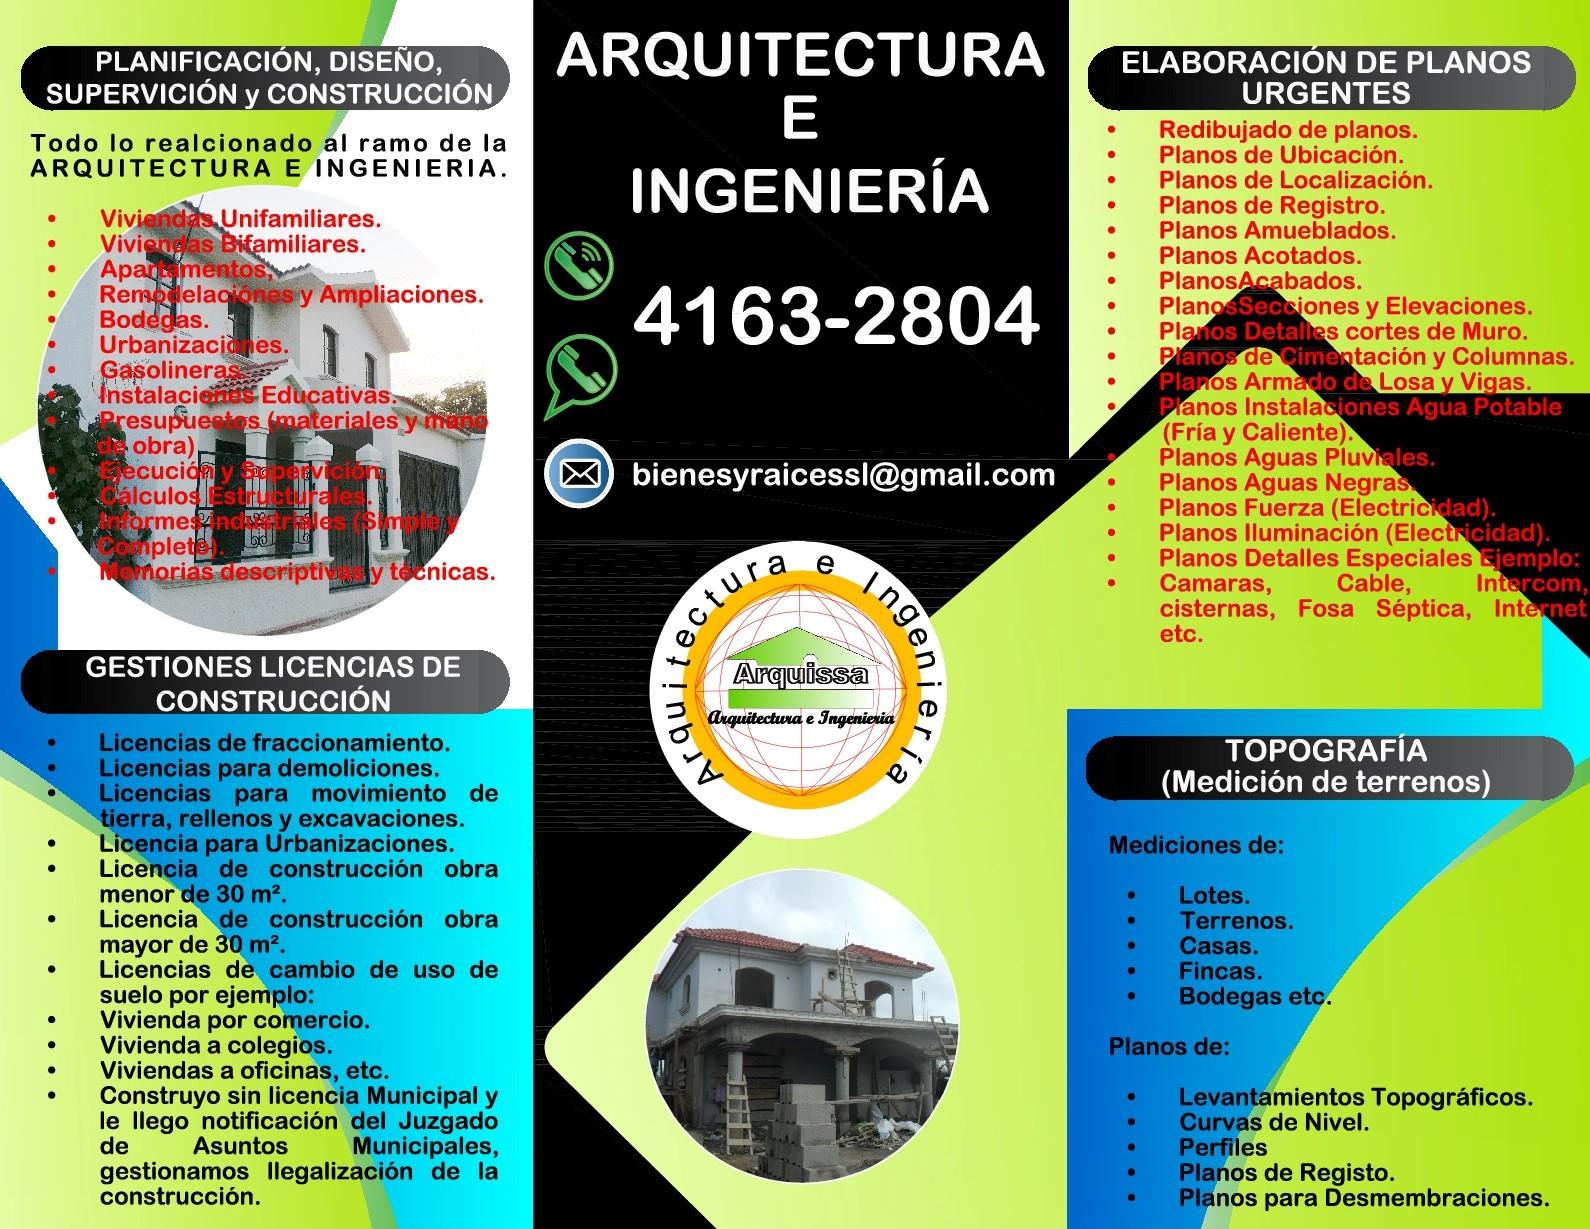 ESTUDIOS IMPACTO AMBIENTAL, SALUD, PLANOS URGENTES, TRAMITES MUNI, ETC